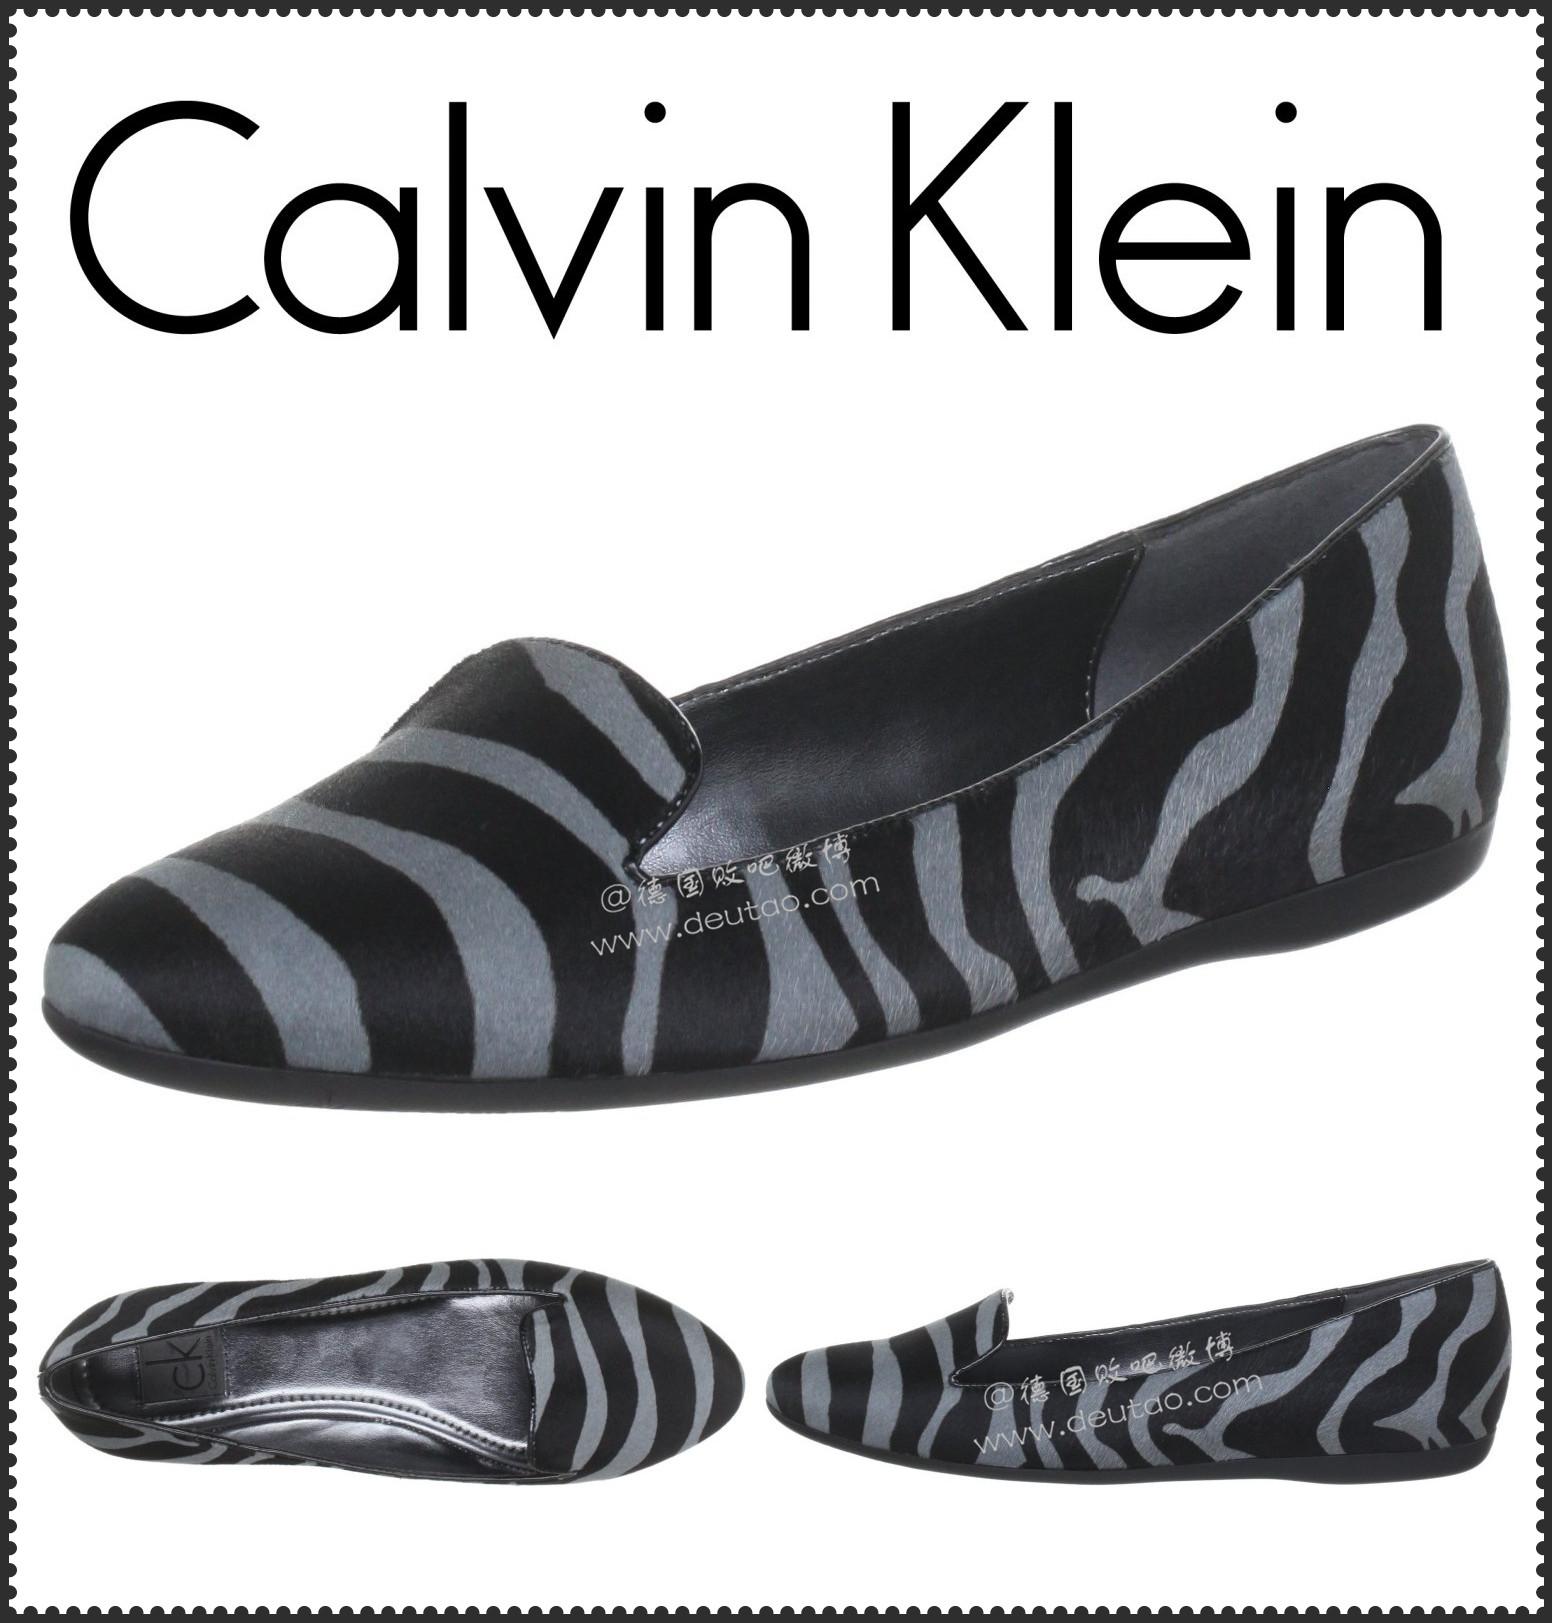 CK 深色斑马条纹平底女鞋